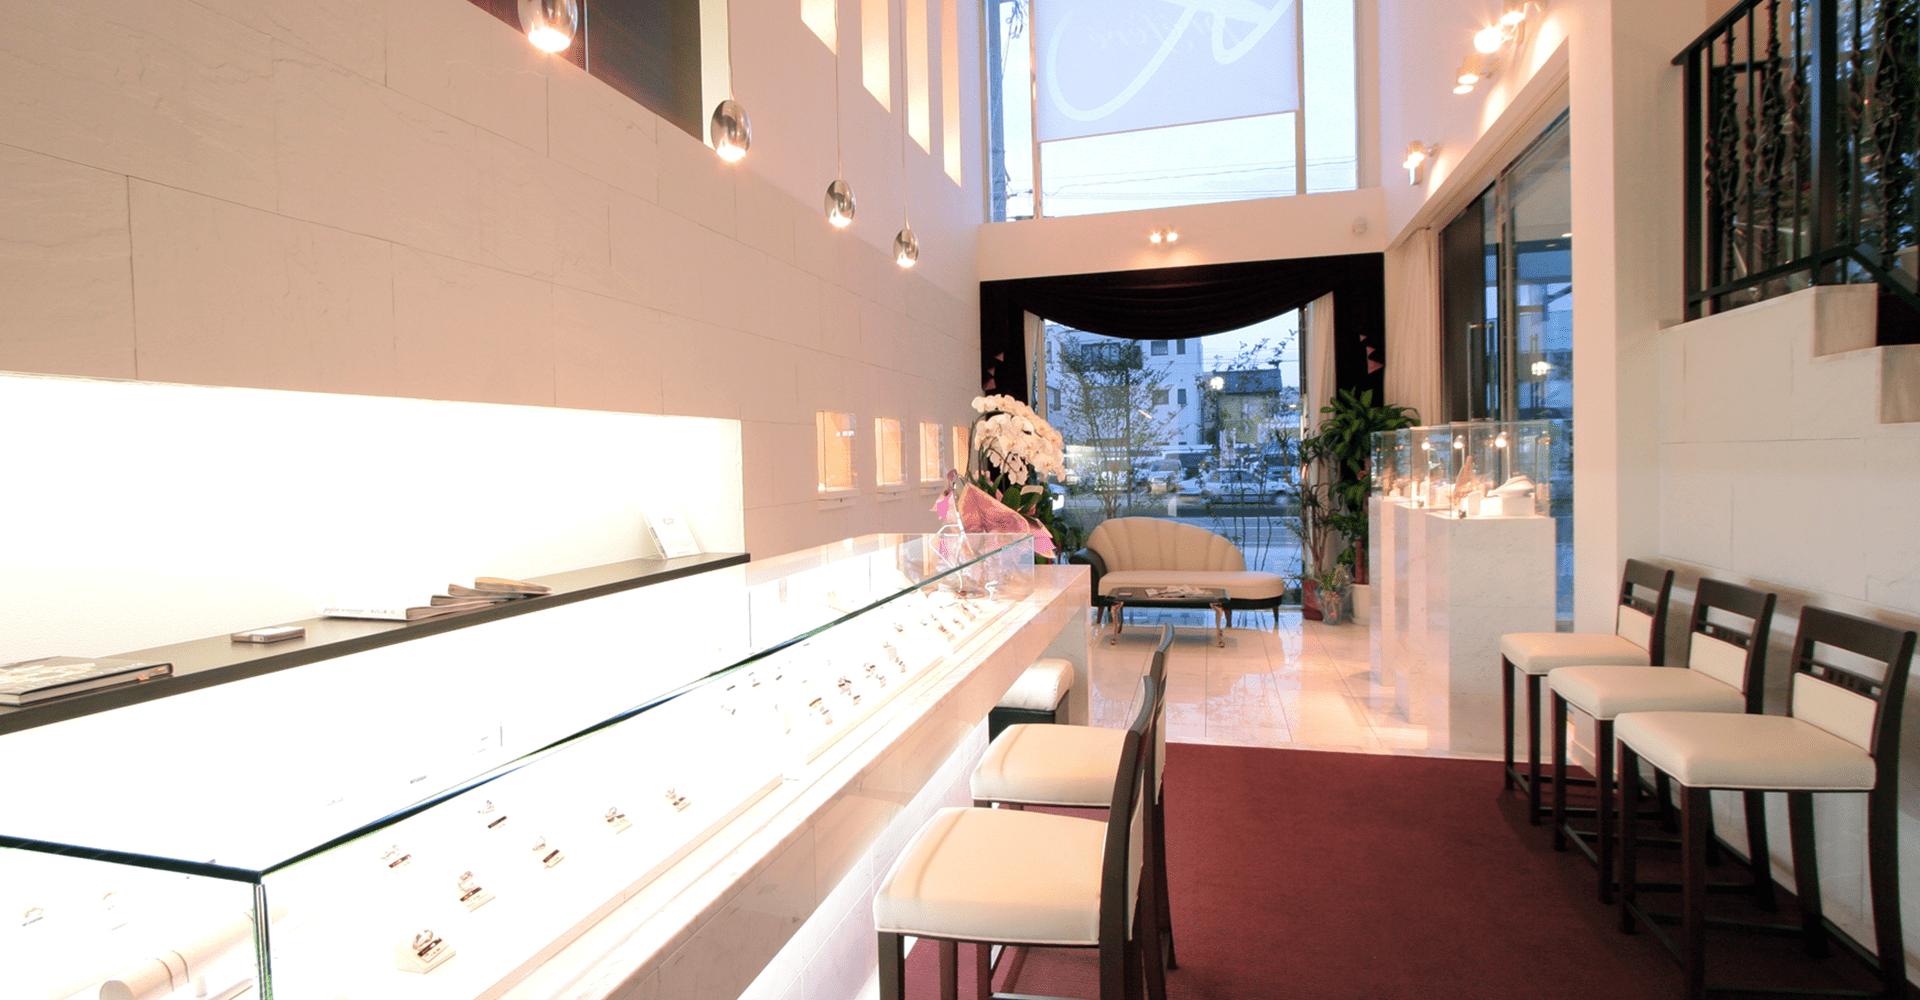 店舗の内観の画像